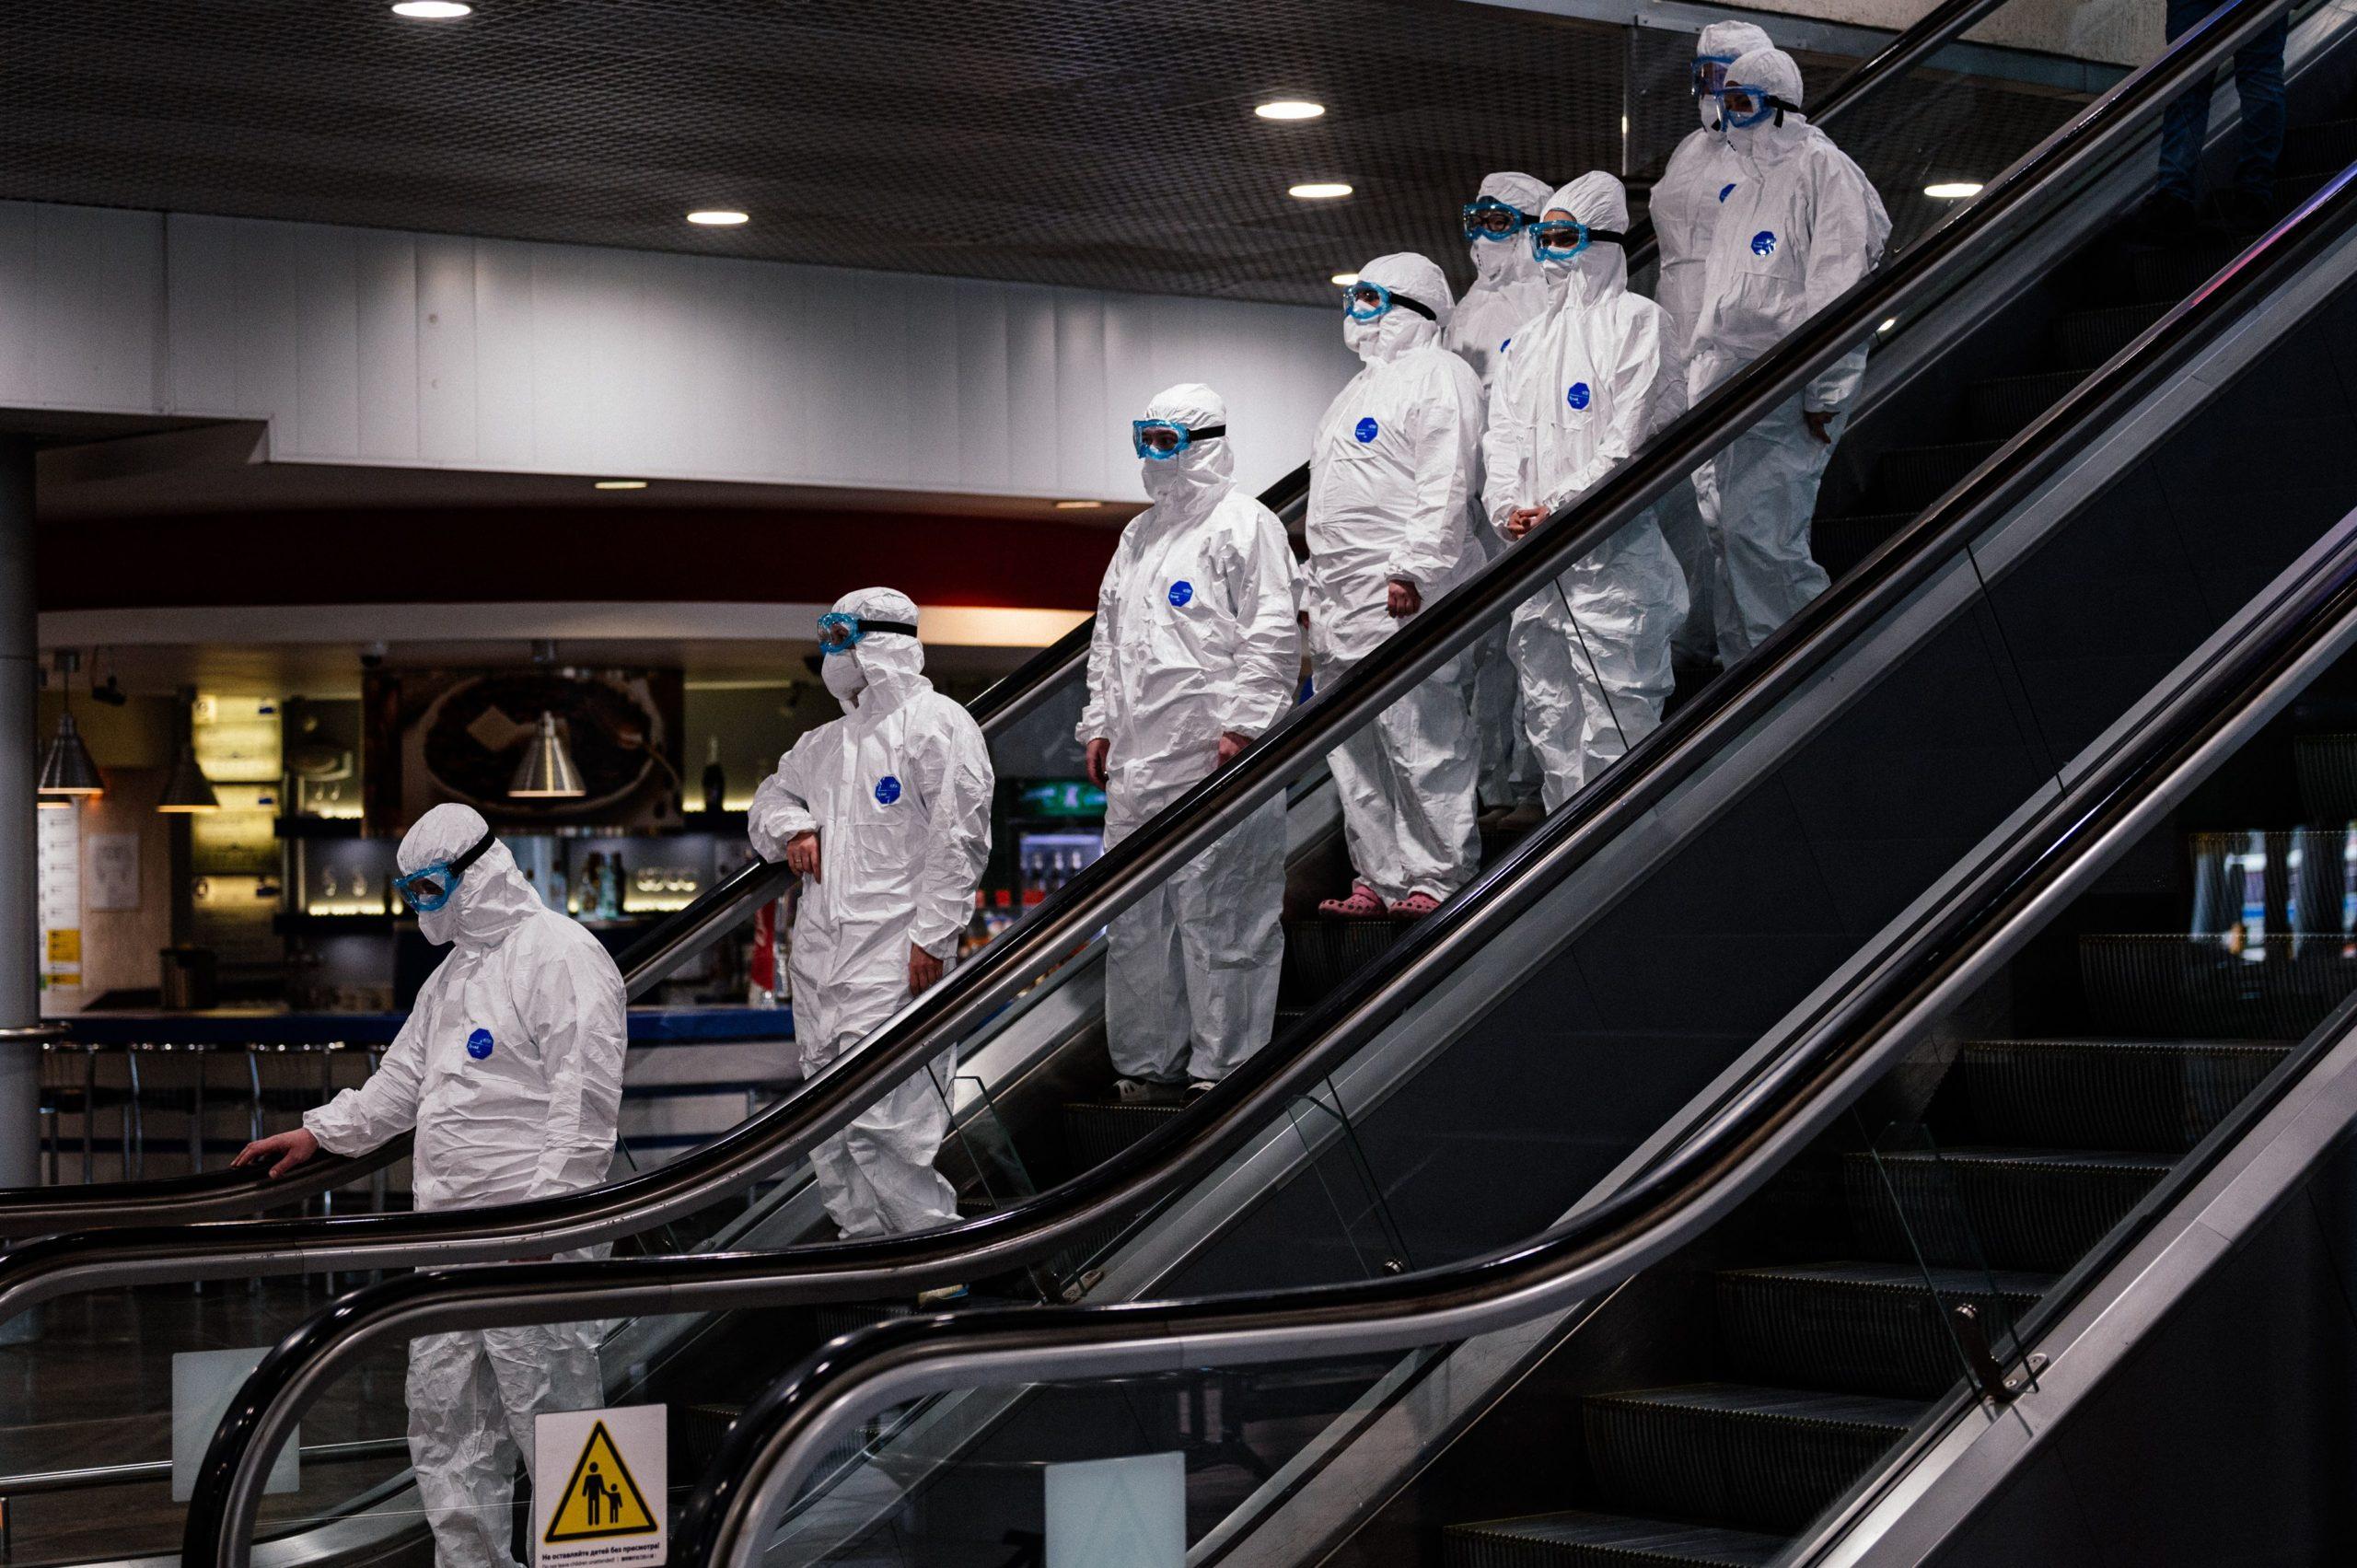 Темп роста числа инфицированных коронавирусом в России – один из самых высоких в мире